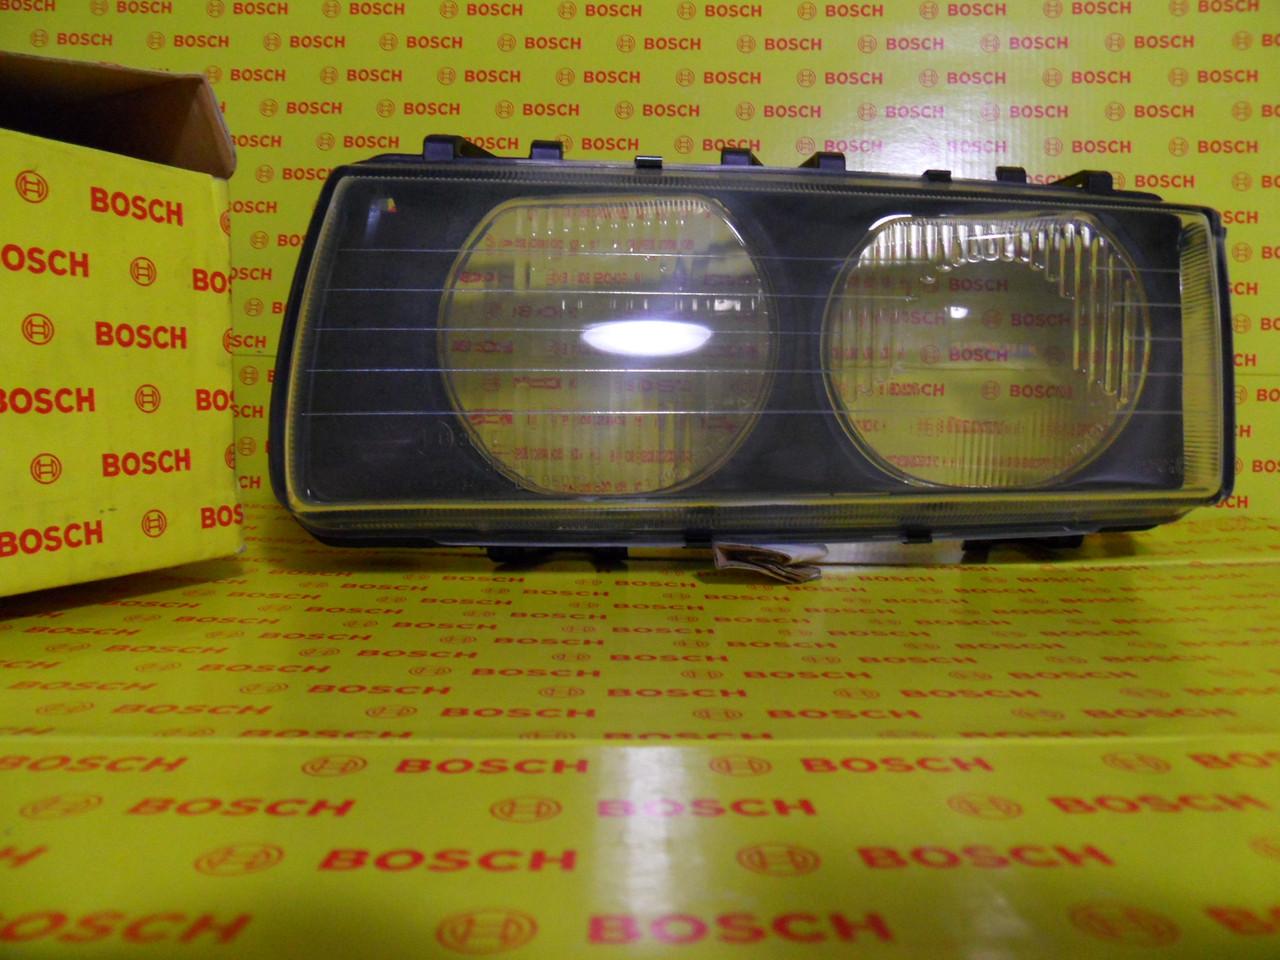 Оптика Bosch, 1305621959, Стекло фары 3' E36 89-94 (Bosch) левое